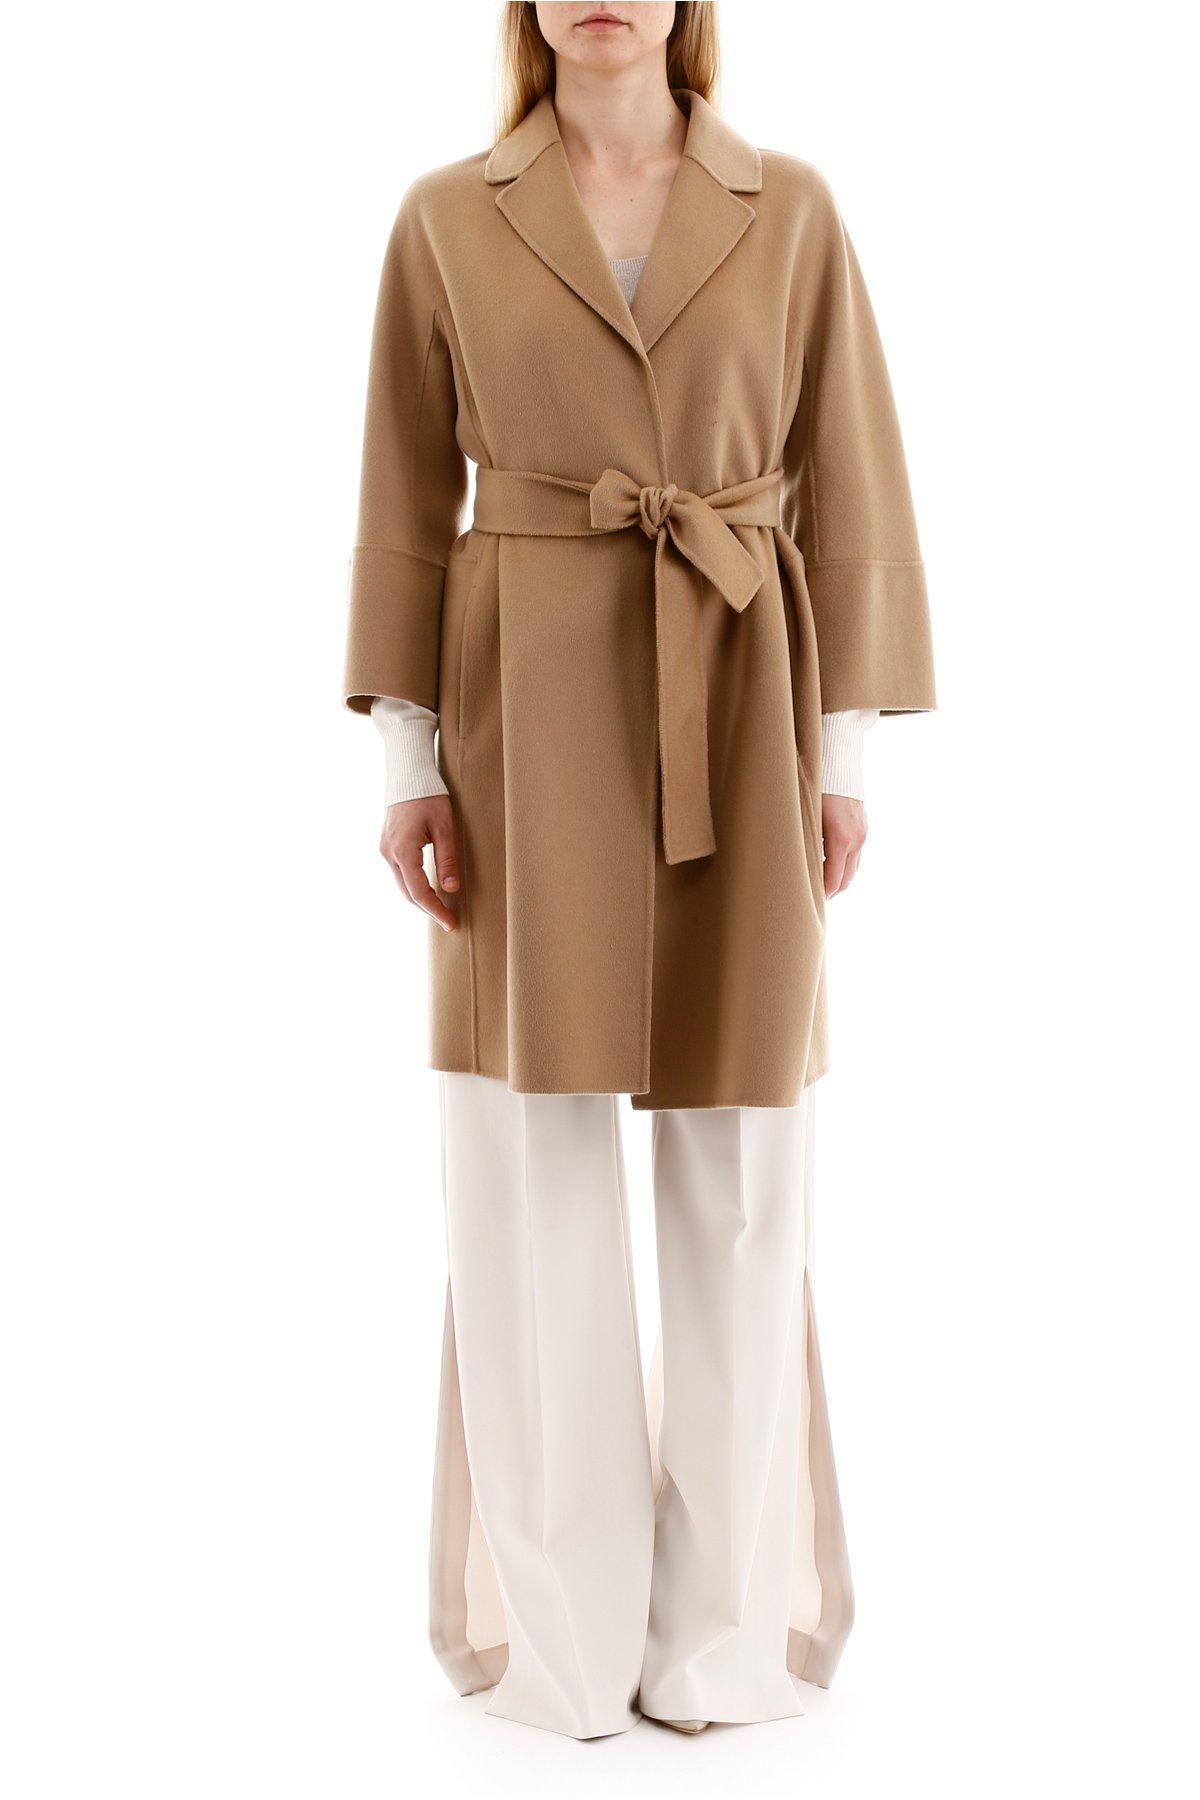 's max mara cappotto arona